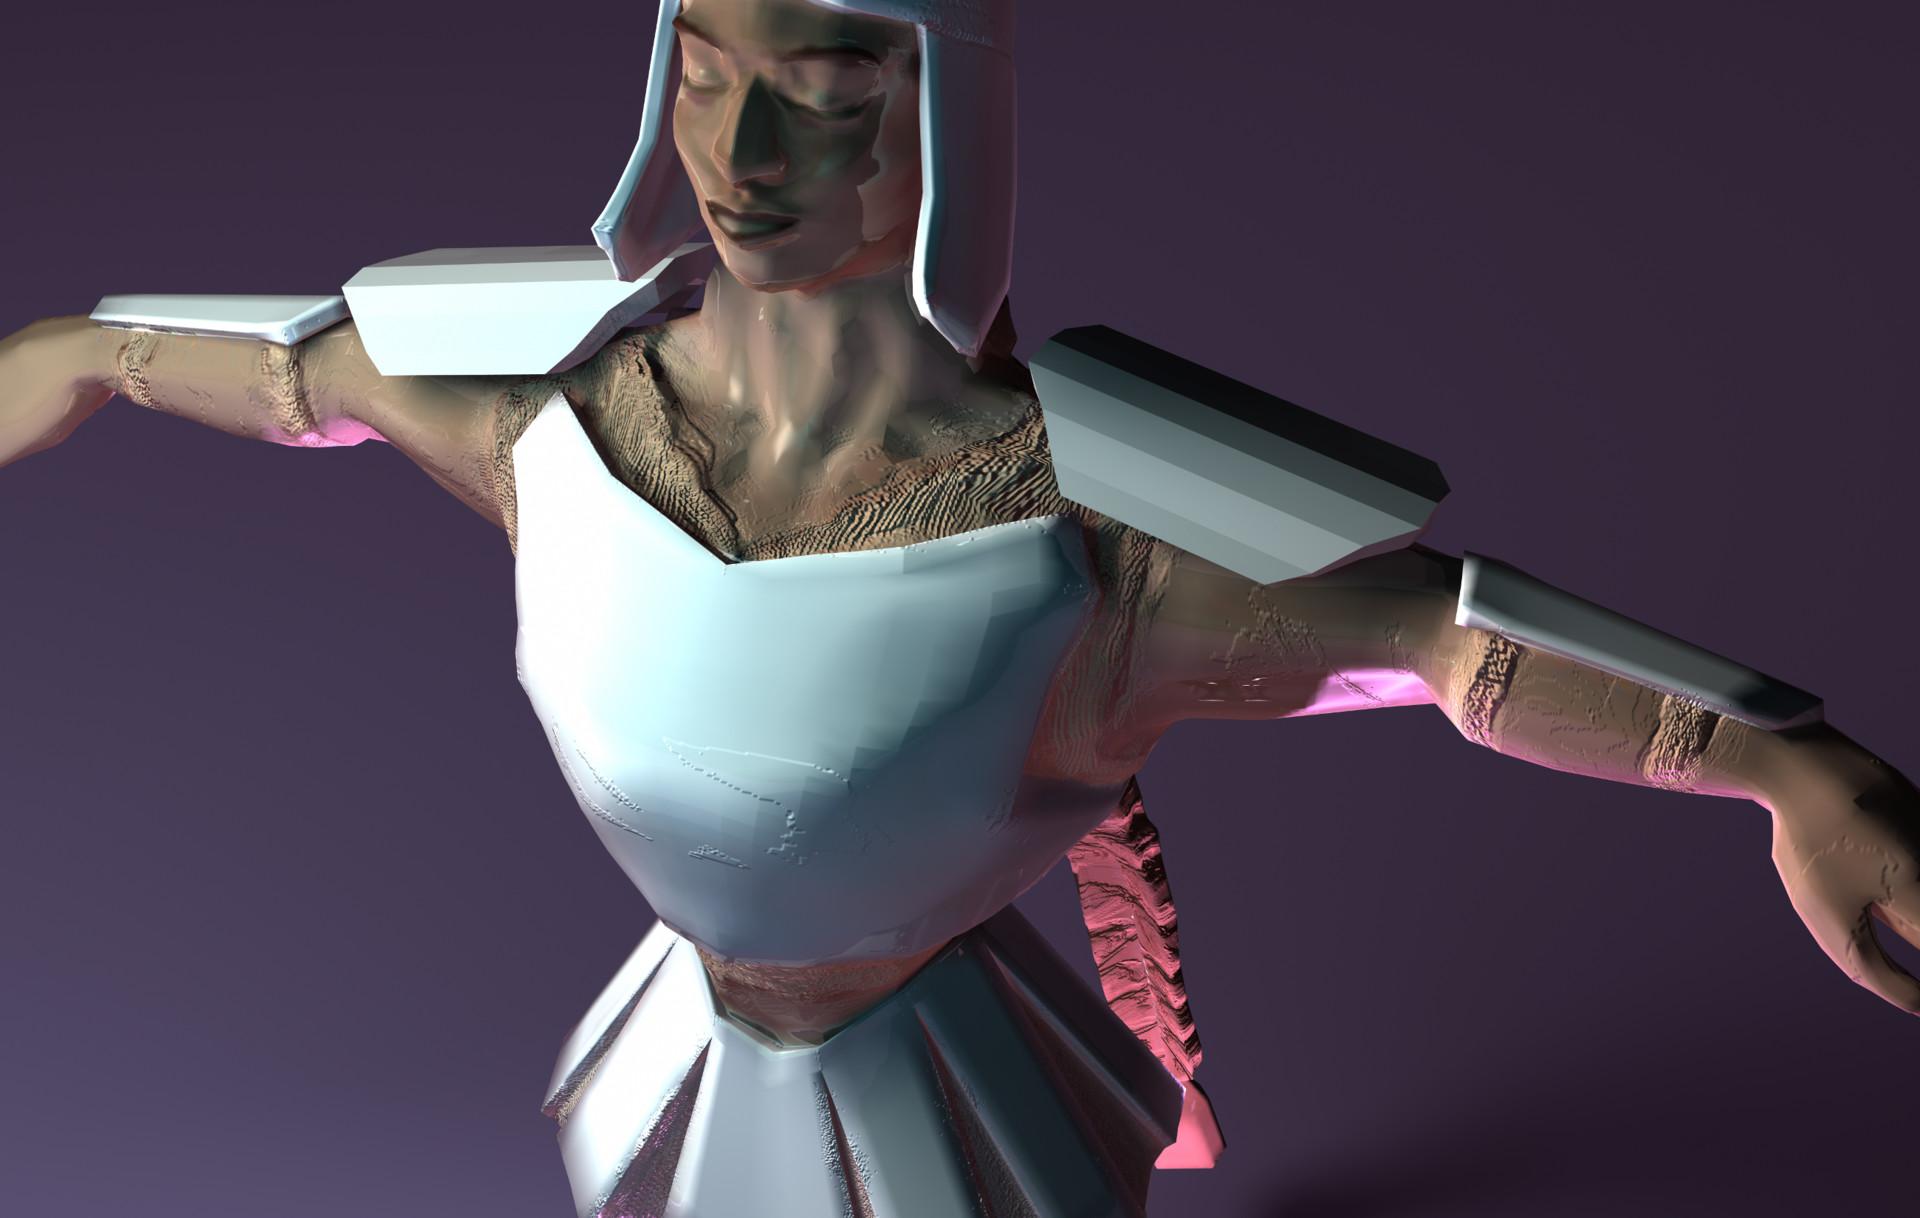 Eireni moutoussi warrior render 2